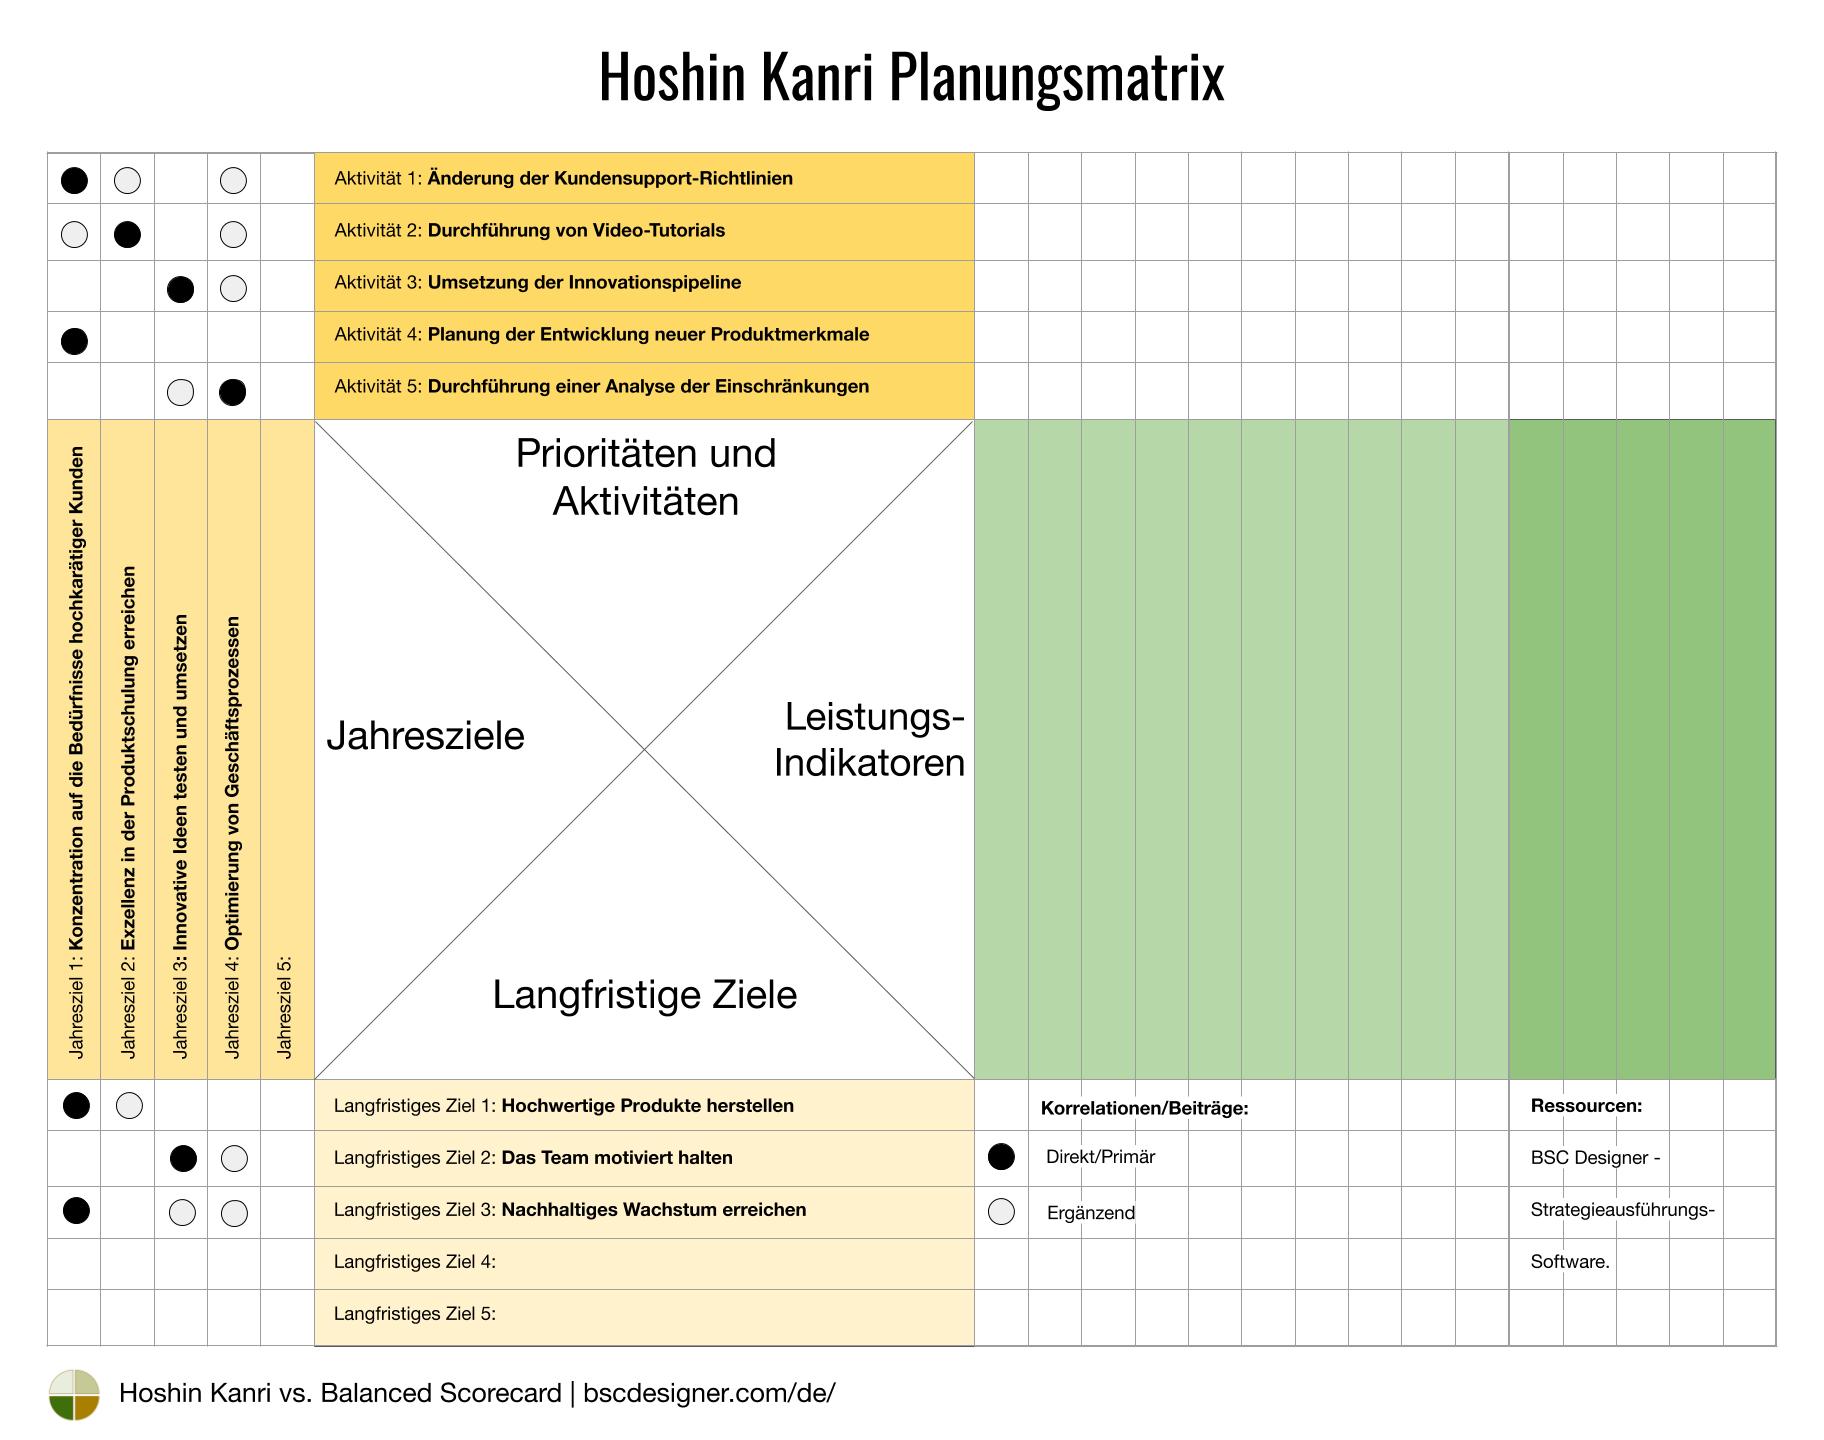 Hoshin Kanri - Prioritäten und Aktivitäten